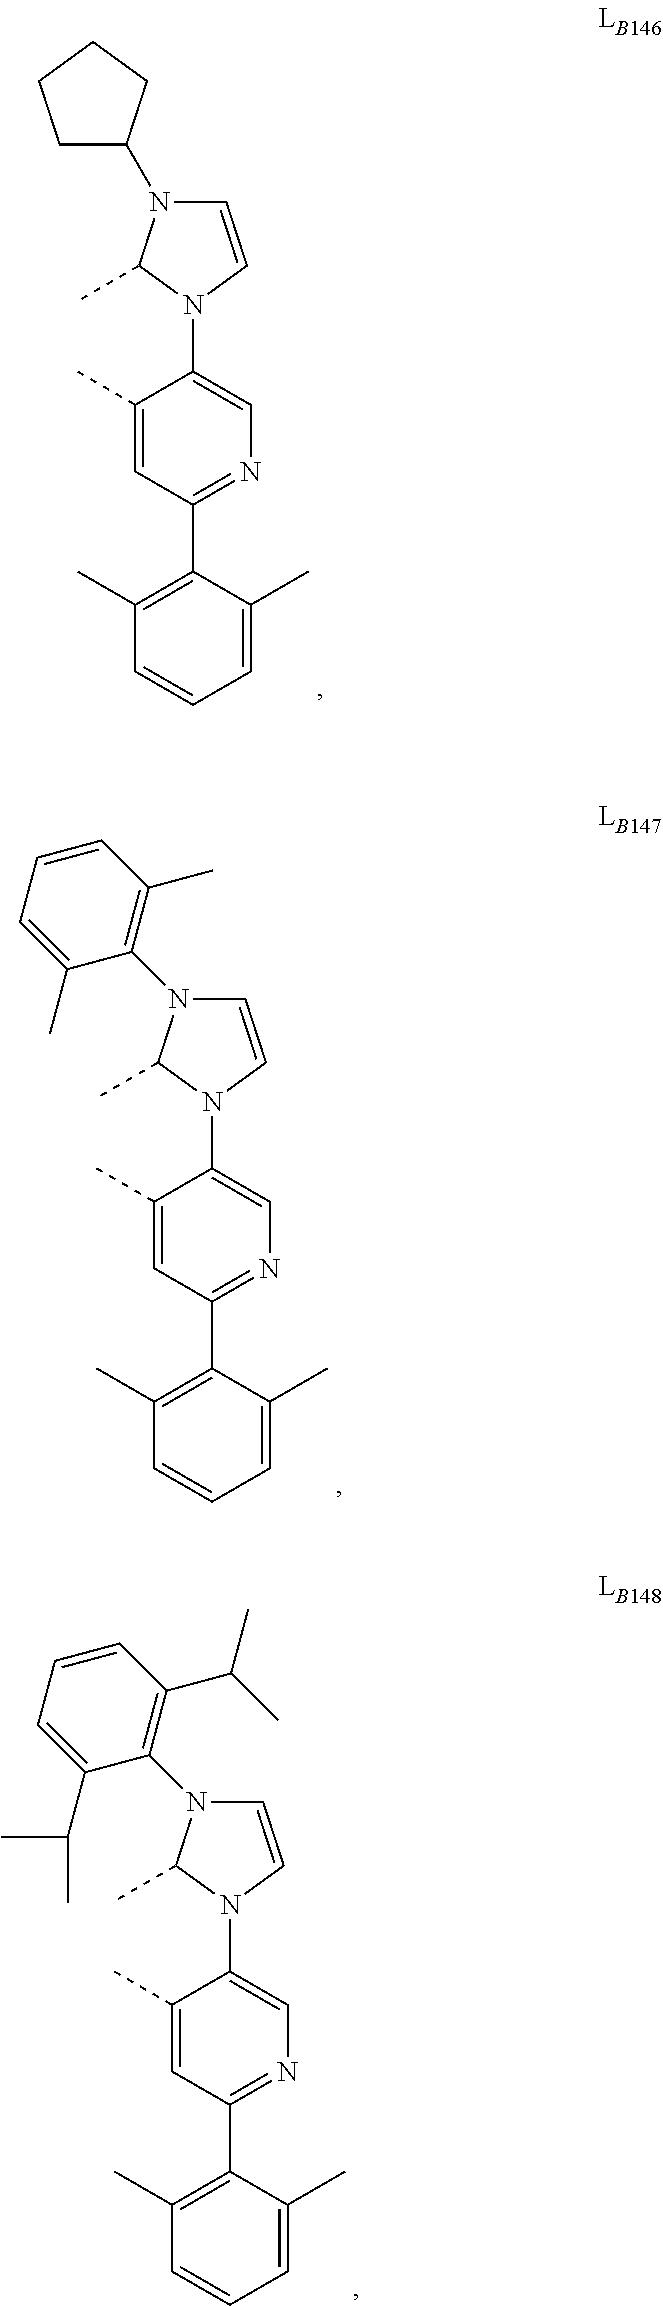 Figure US09905785-20180227-C00590